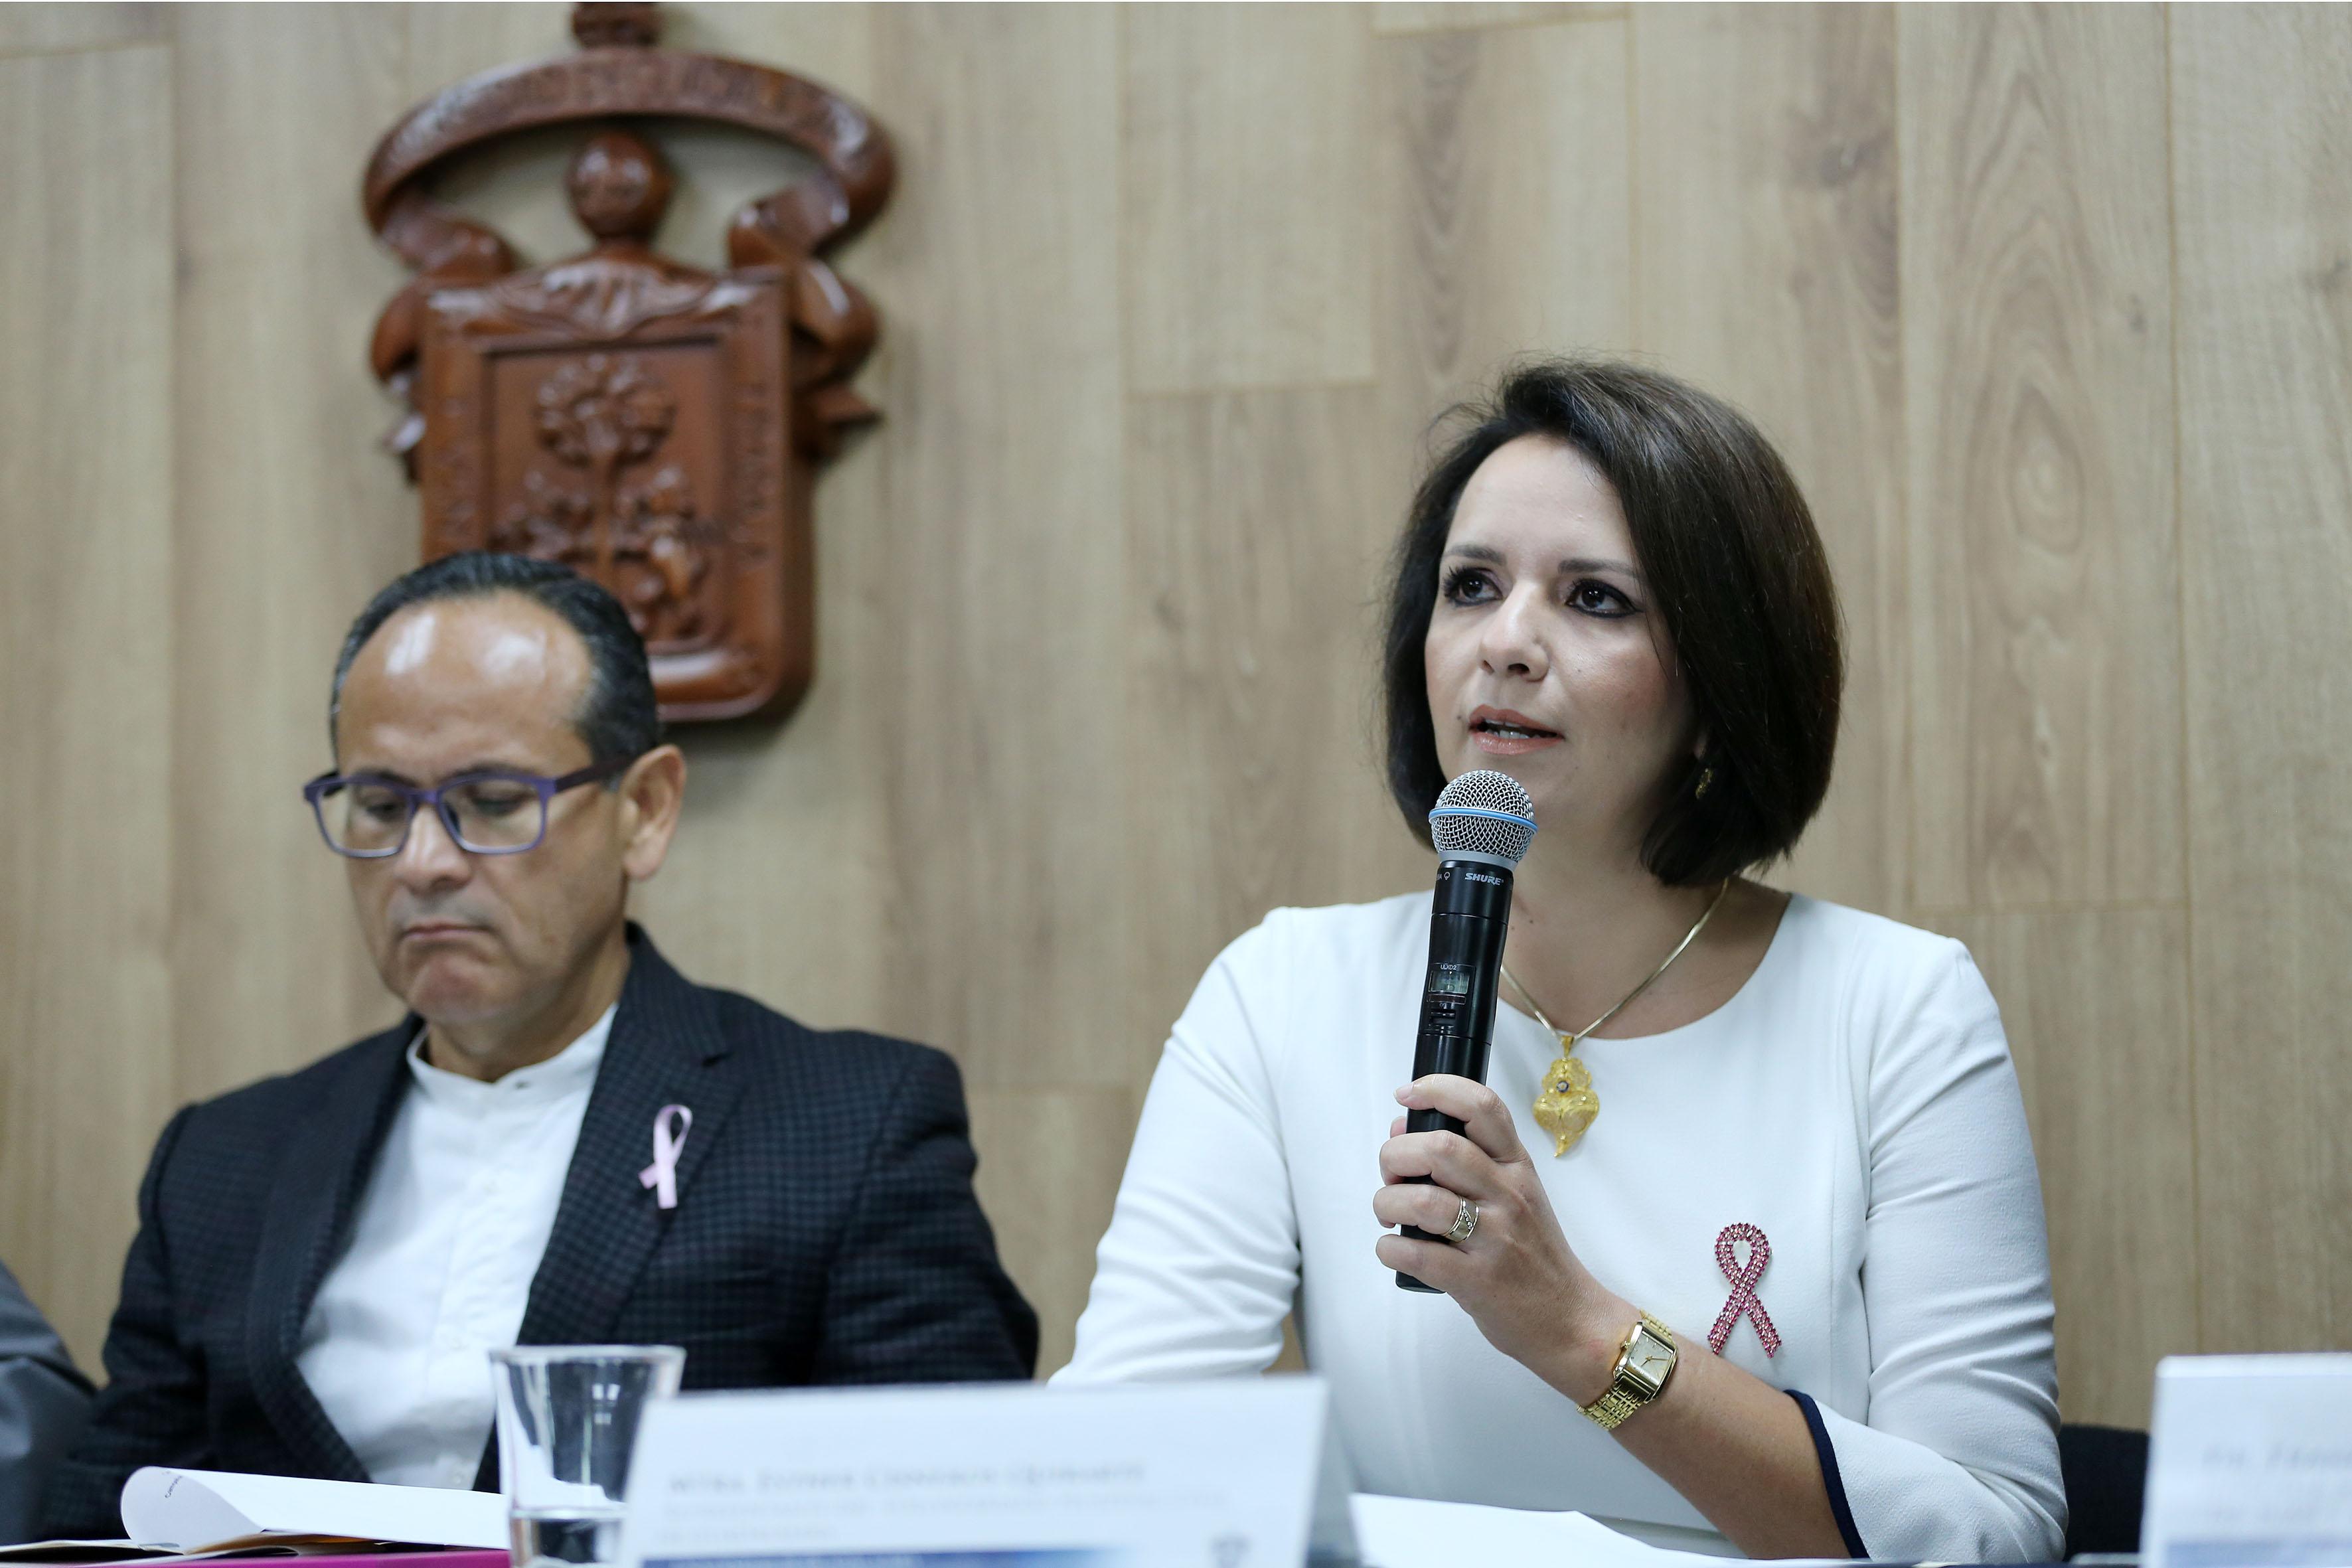 Maestra Esther Cisneros Quirarte, representante del voluntariado del Hospital Civil de Guadalajara, frente al micrófono, haciendo uso de la voz.